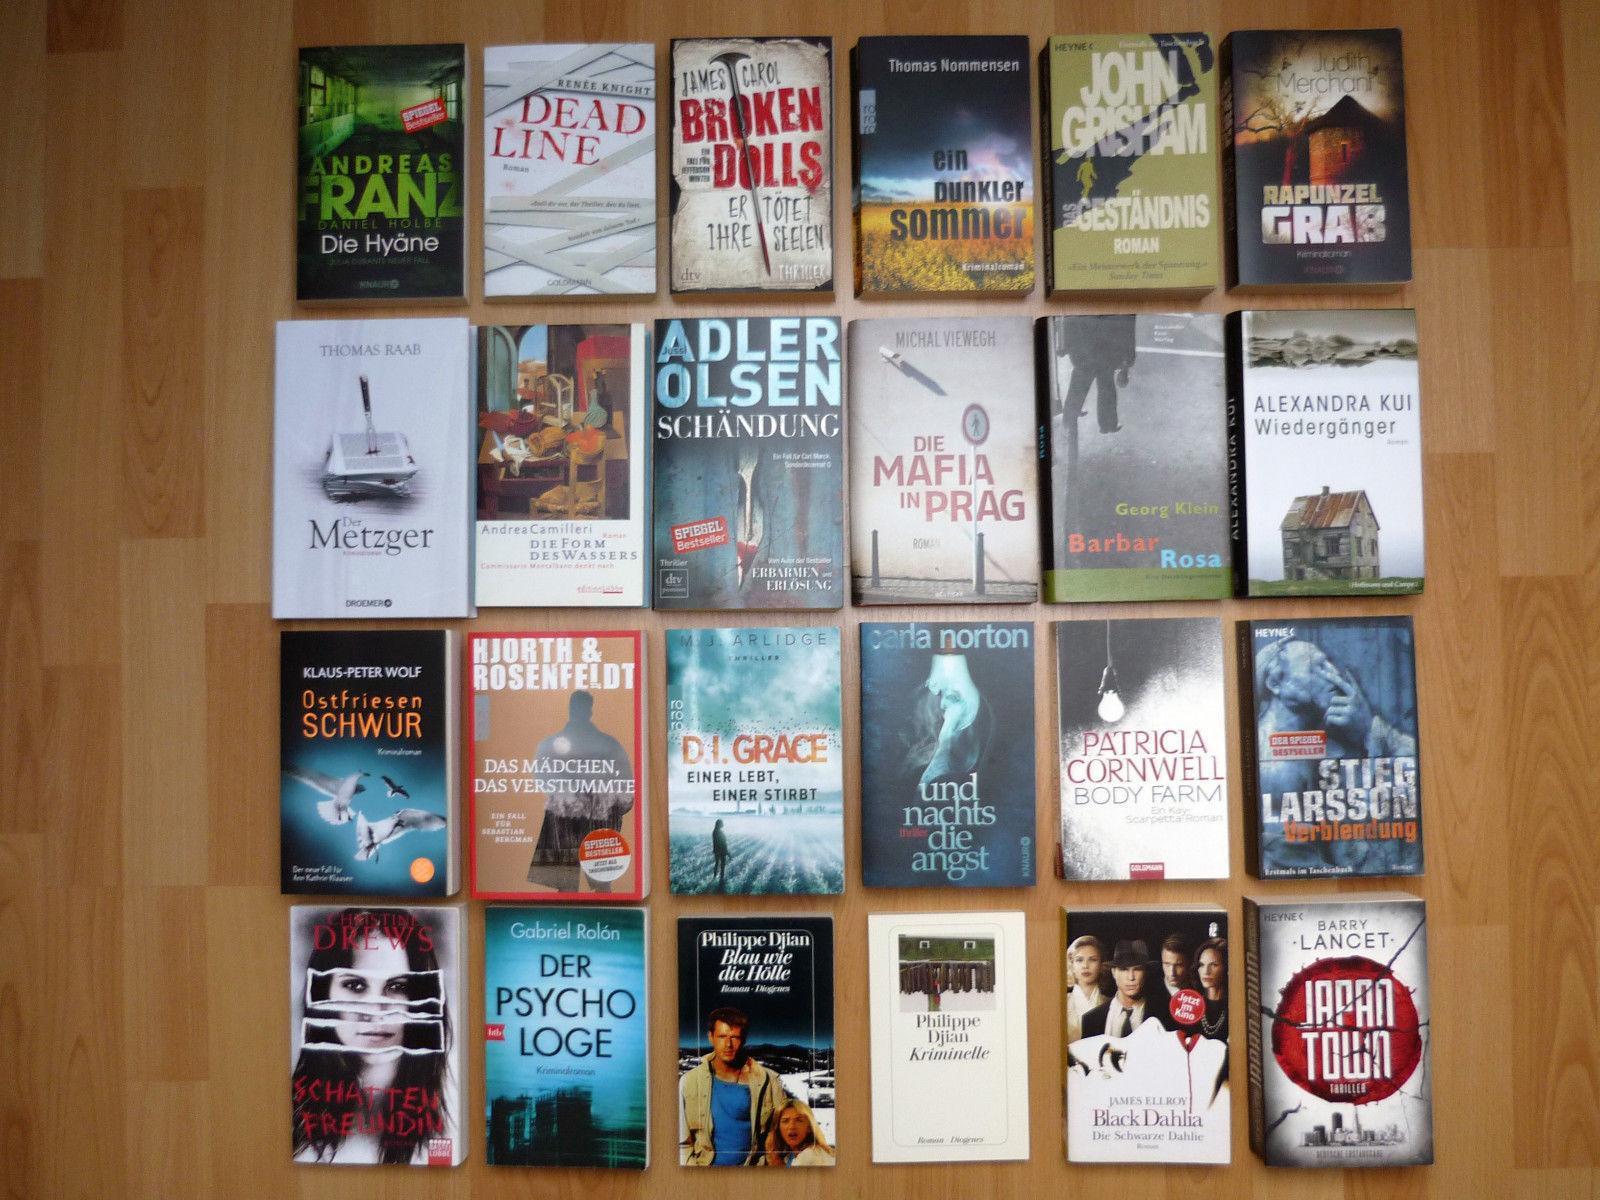 Krimipaket 24 x Krimi Thriller Bestseller Adler-Olsen Hjorth/Rosenfeldt Cornwell